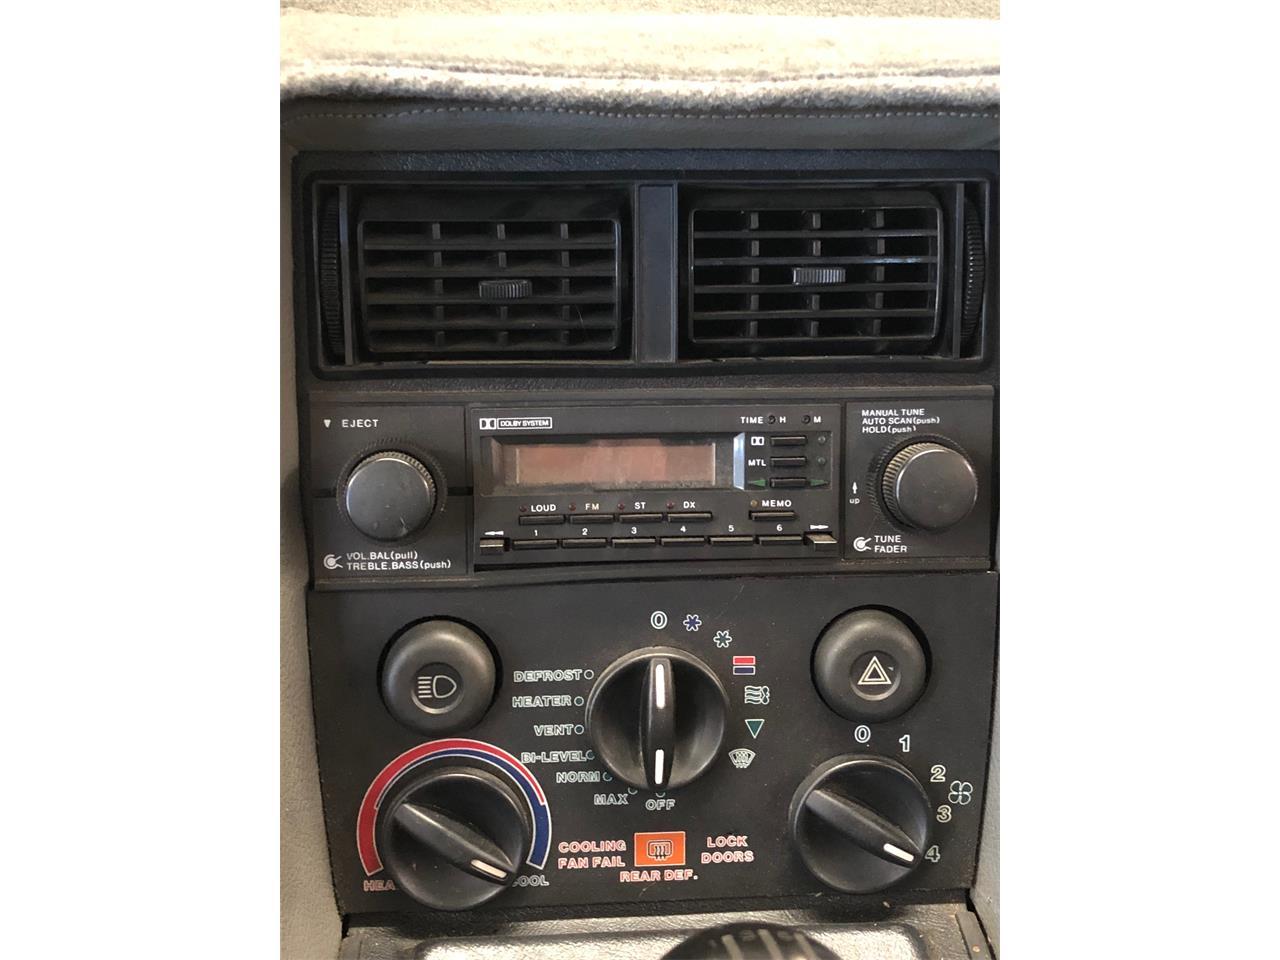 Large Picture of 1982 DMC-12 located in Greenwood Virginia - $32,500.00 - PEC7